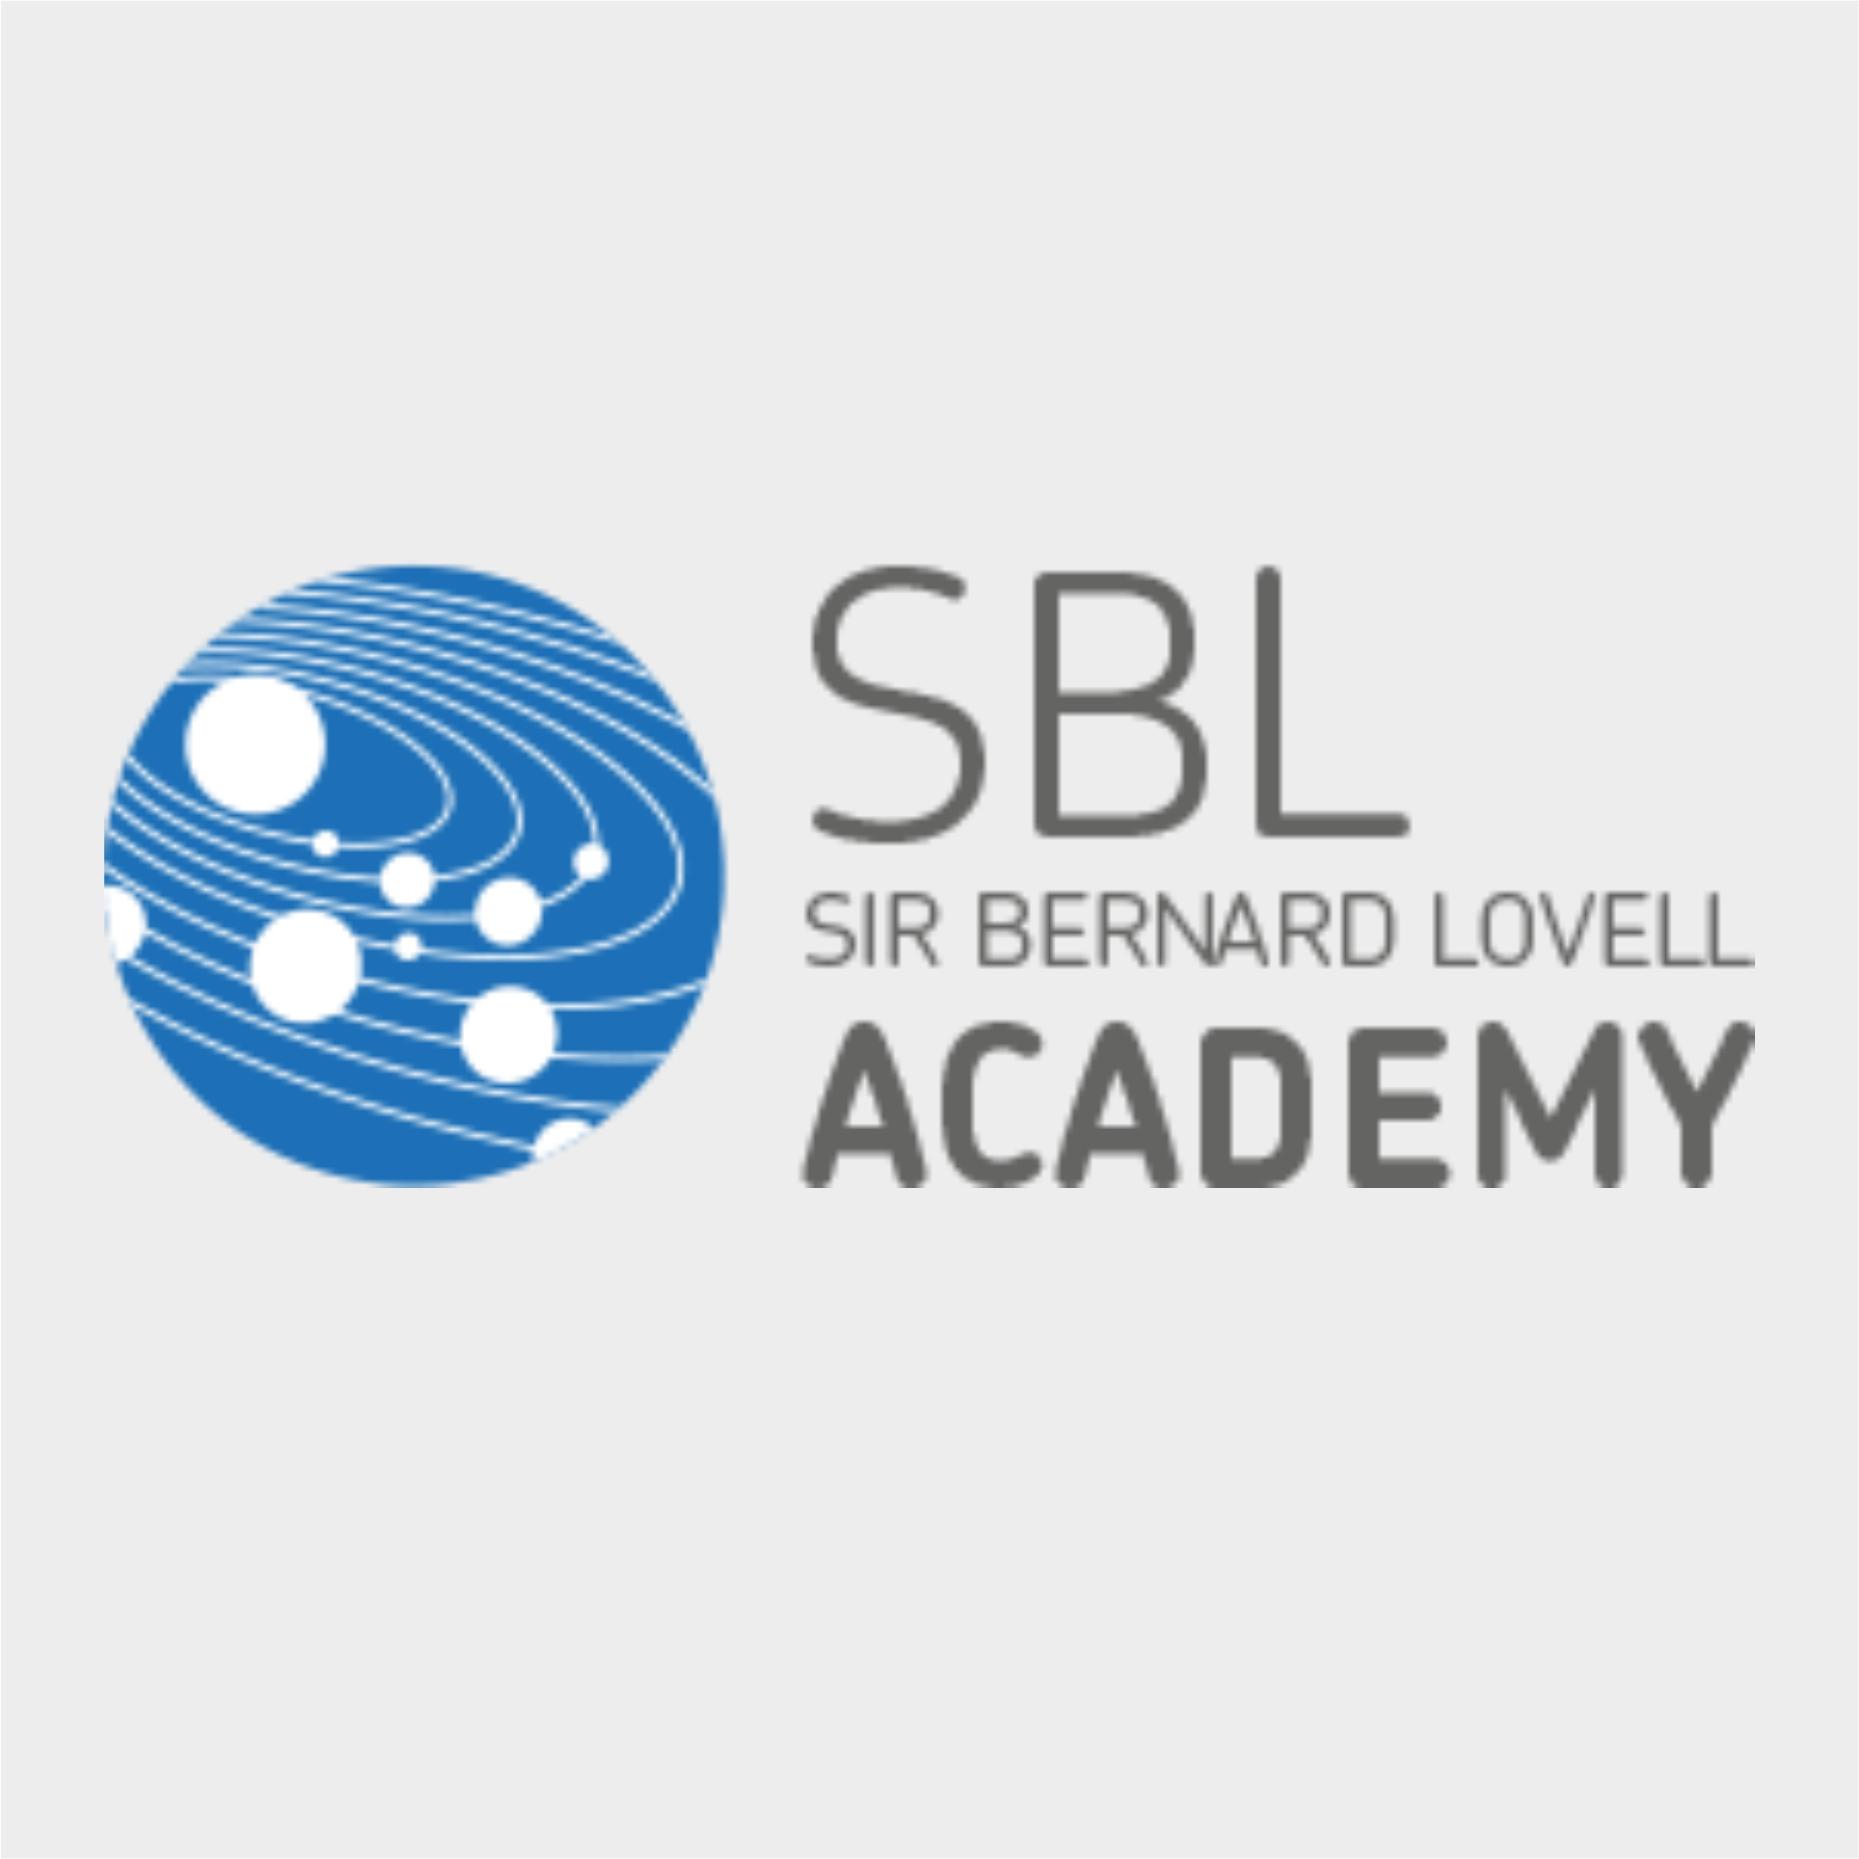 Sir Bernard Lovell Academy.jpg